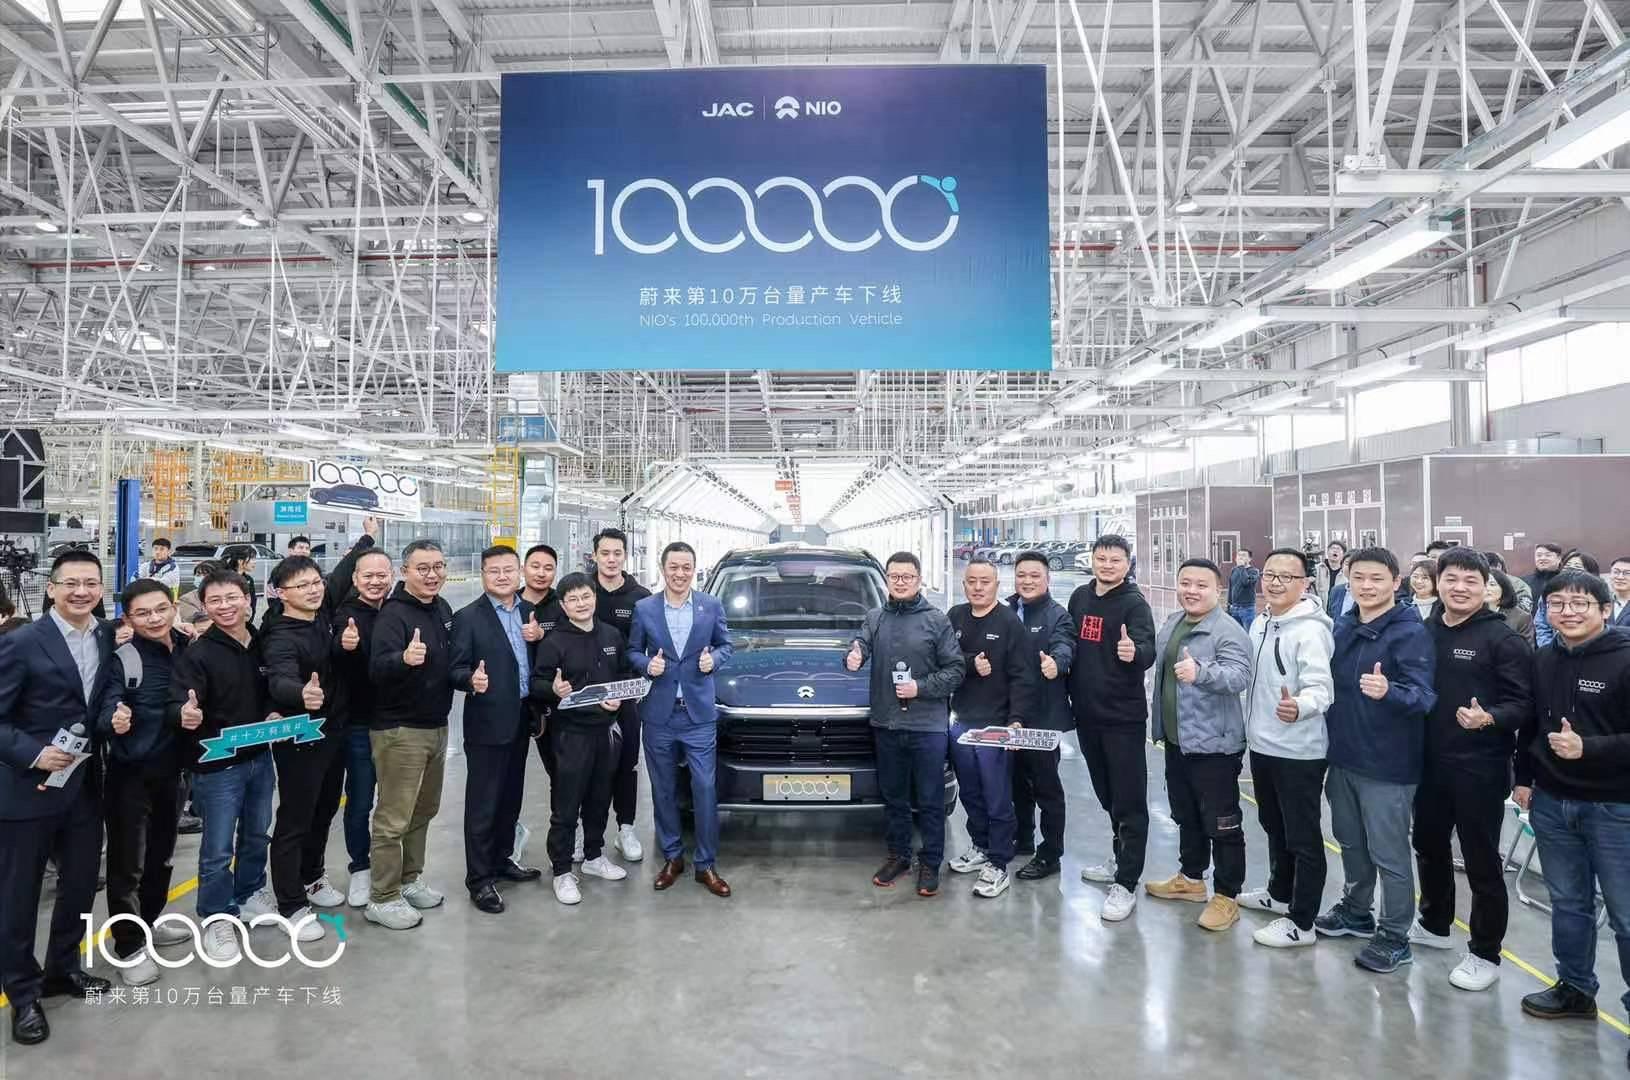 用时约35个月 蔚来第10万辆量产车下线